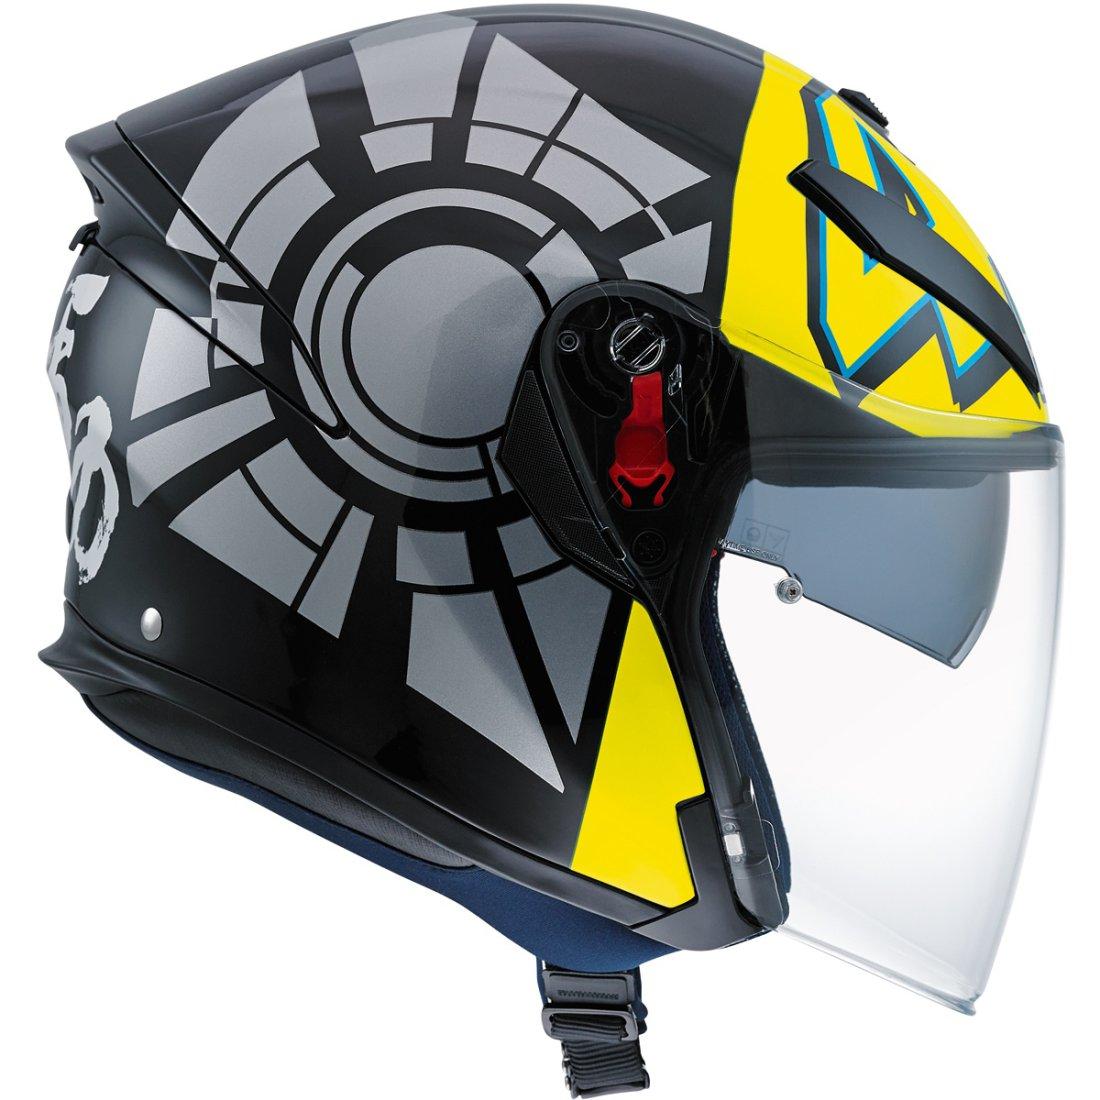 casco agv k 5 jet rossi winter test 2012 motocard. Black Bedroom Furniture Sets. Home Design Ideas